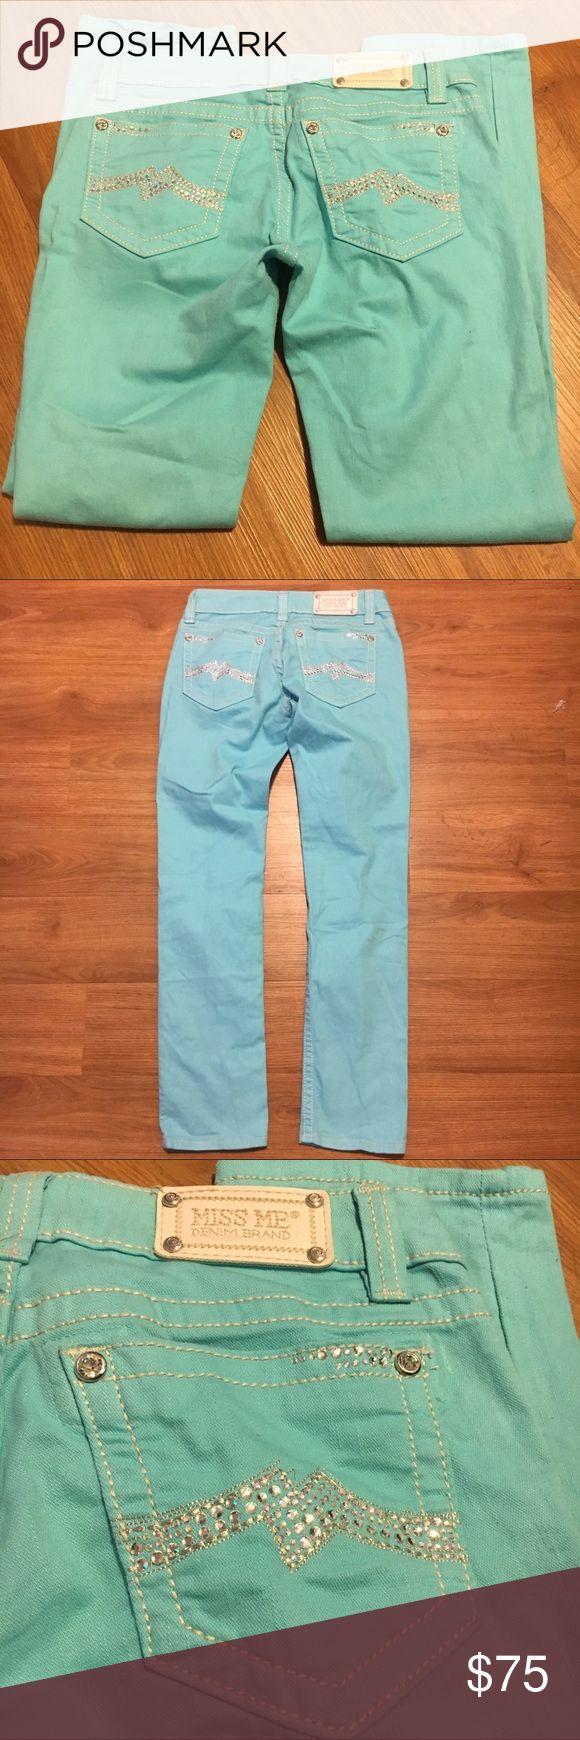 MISS ME CUFFED SKINNY AQUA JEANS EUC miss me skinny cuffed aqua colored jeans. No missing rhinestones. Miss Me Jeans Skinny